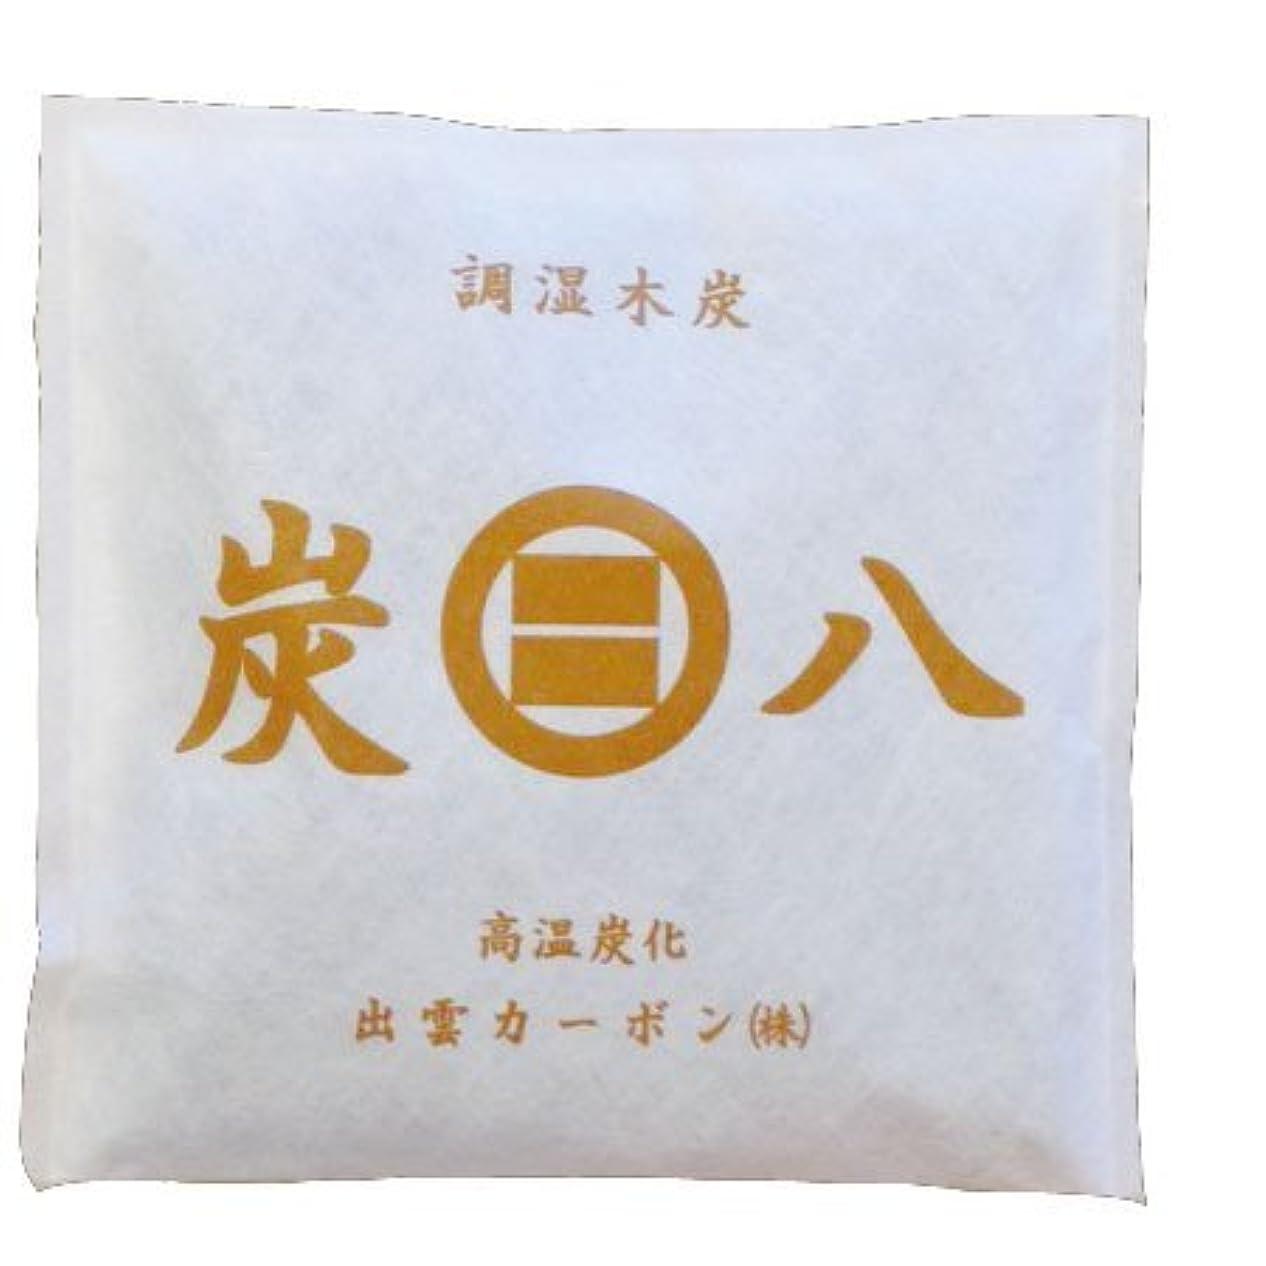 電圧原点羊の出雲カーボン 炭八 スマート小袋 5袋セット